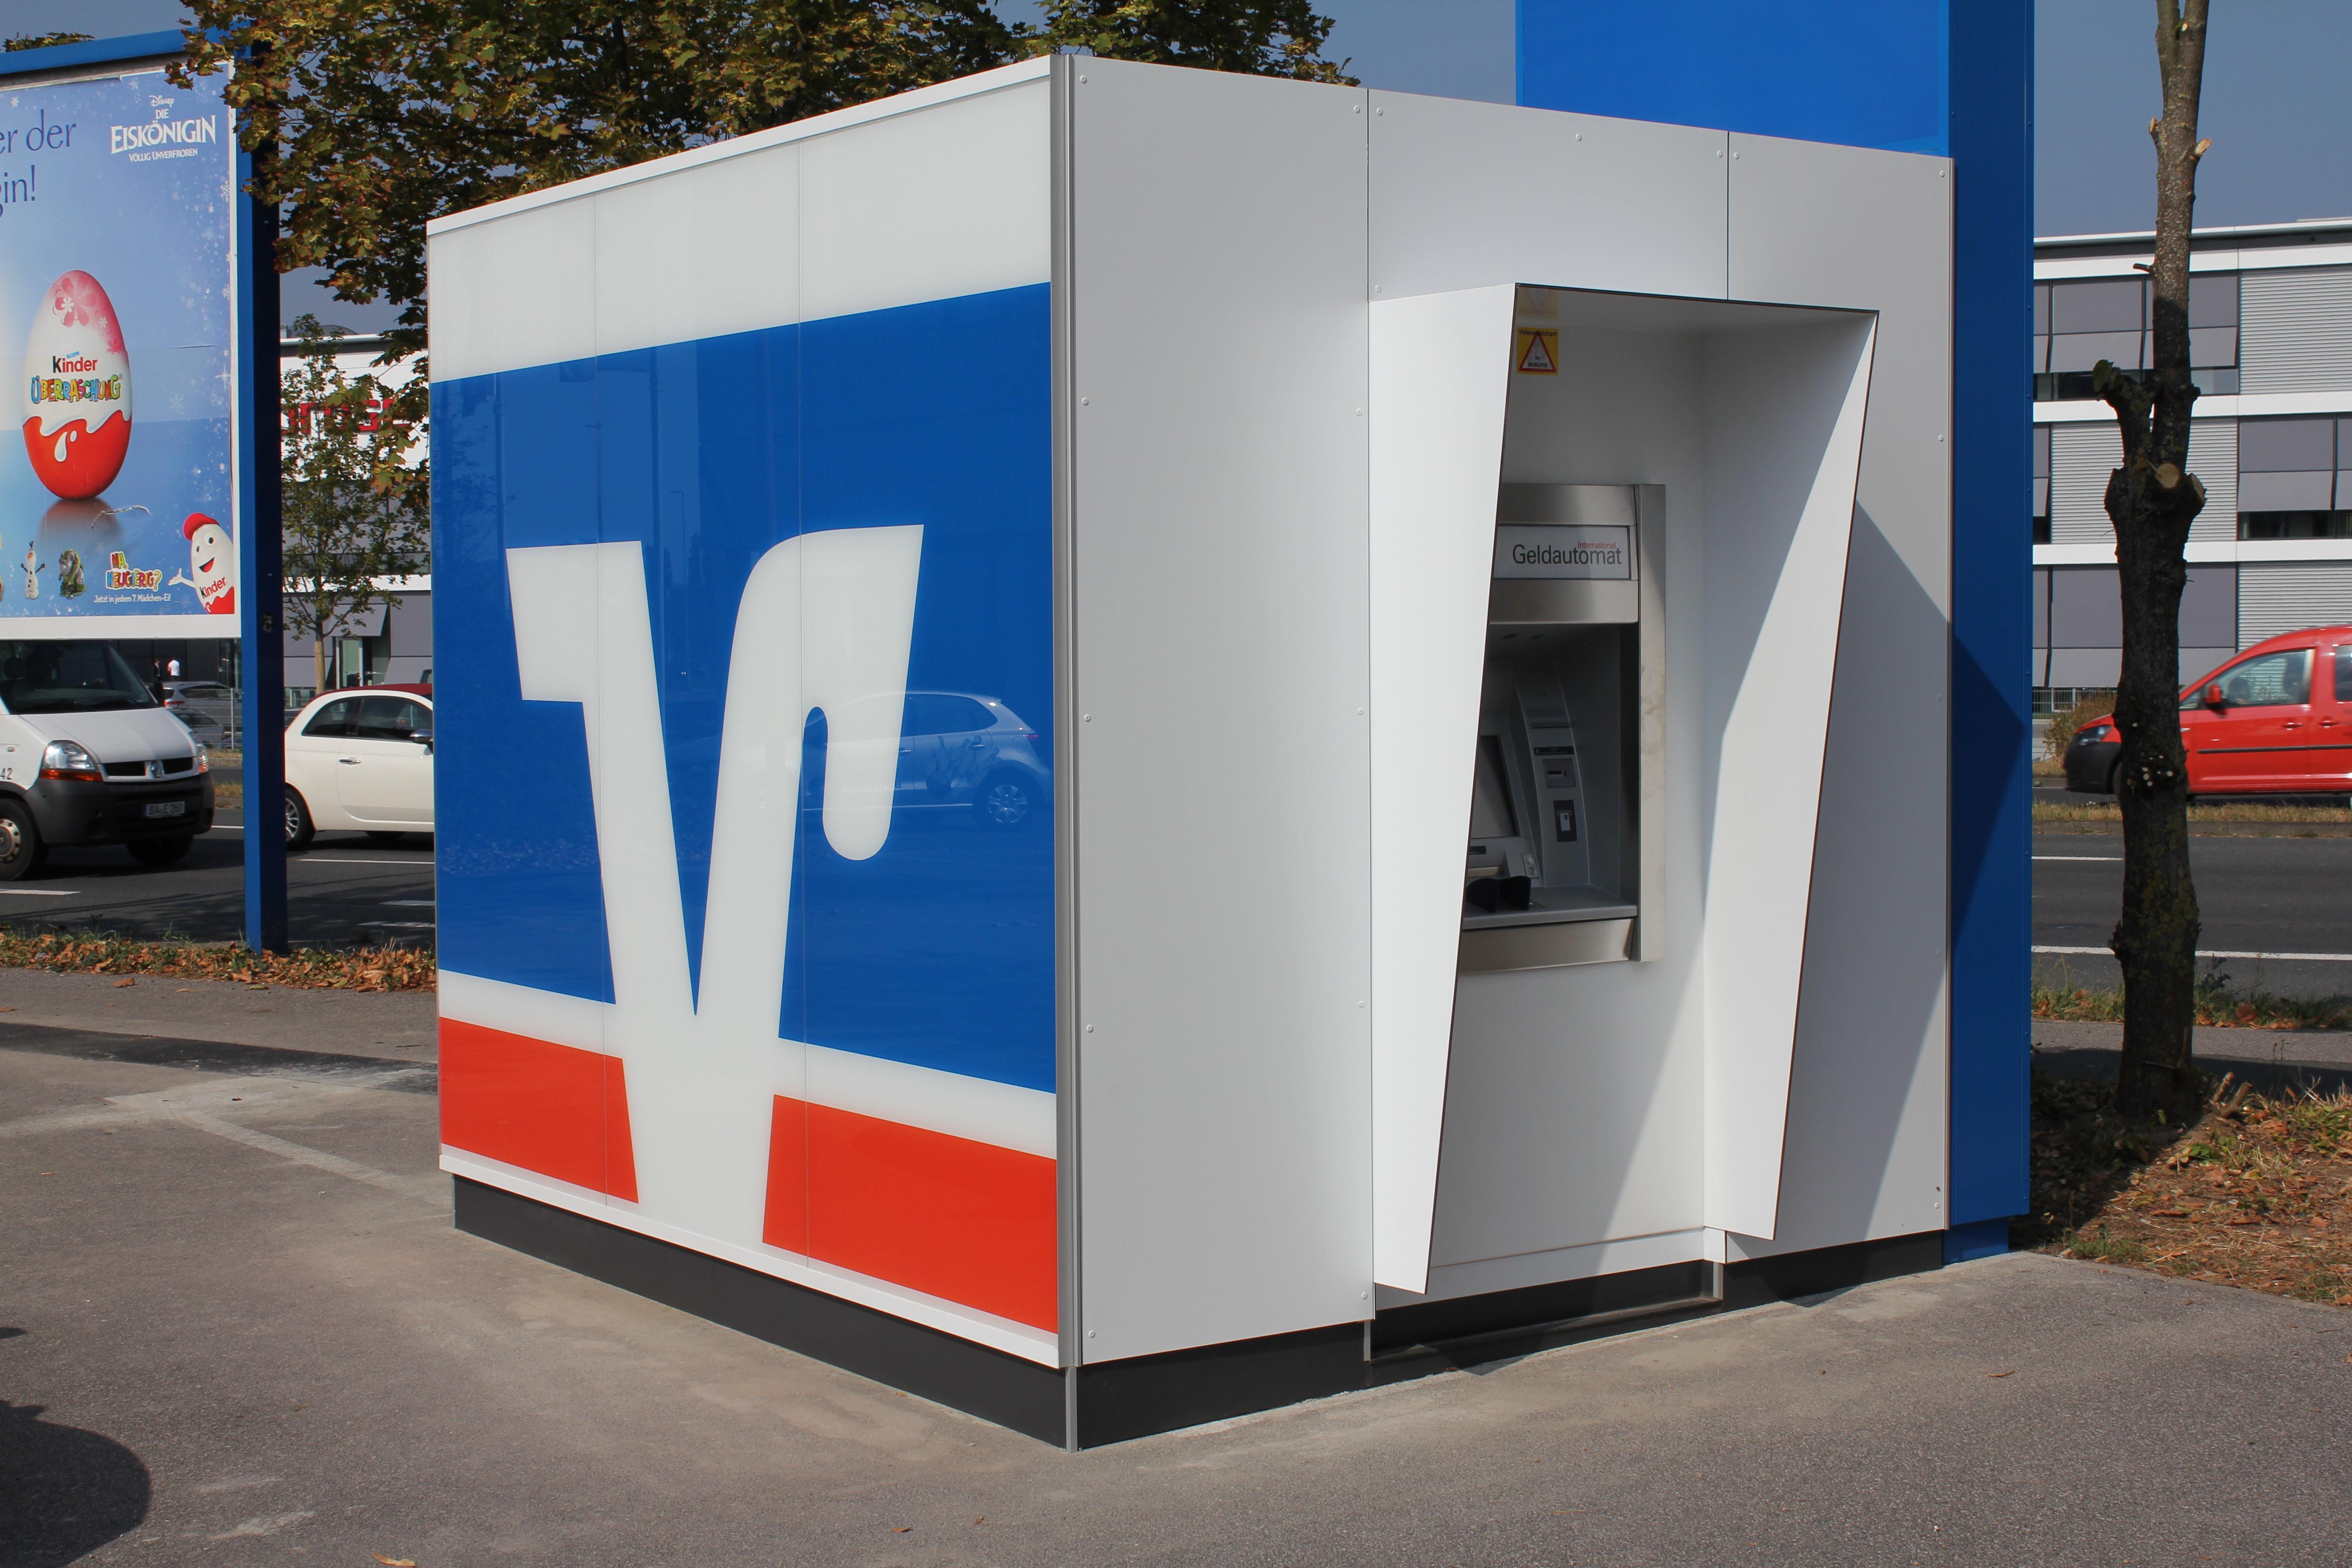 Fotos de VR Bank Bamberg eG - Geldautomat Mainfranken-Center - An der Breitenau